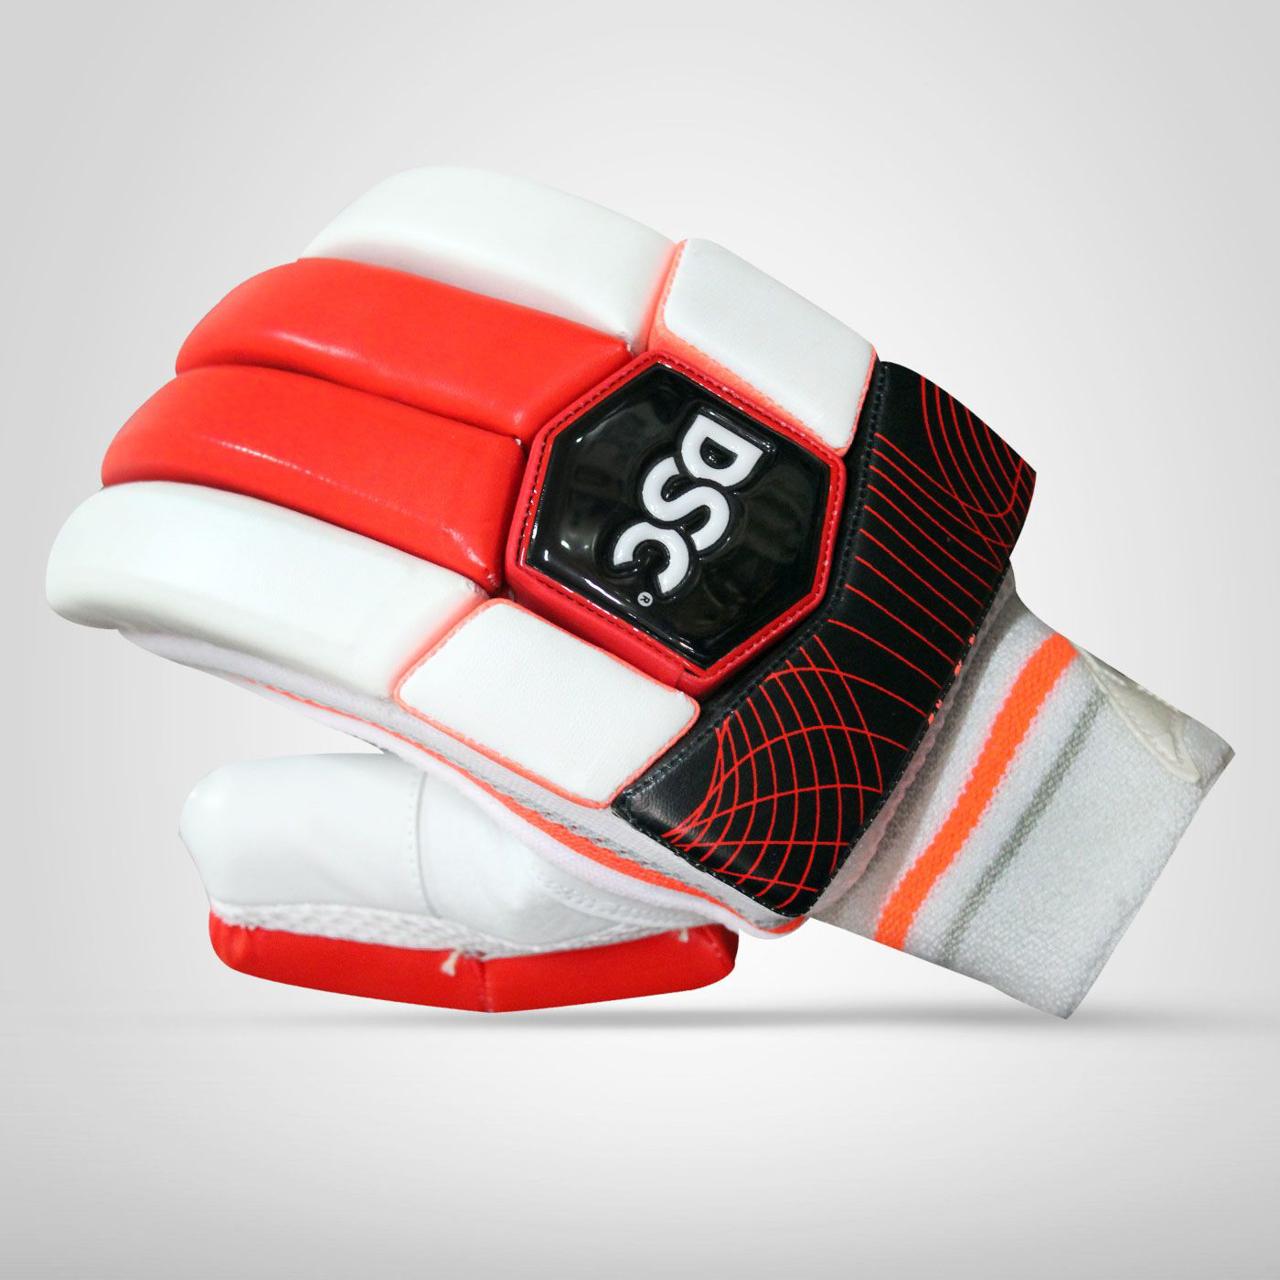 Picture of DSC Batting Gloves INTENSE RAGE RH